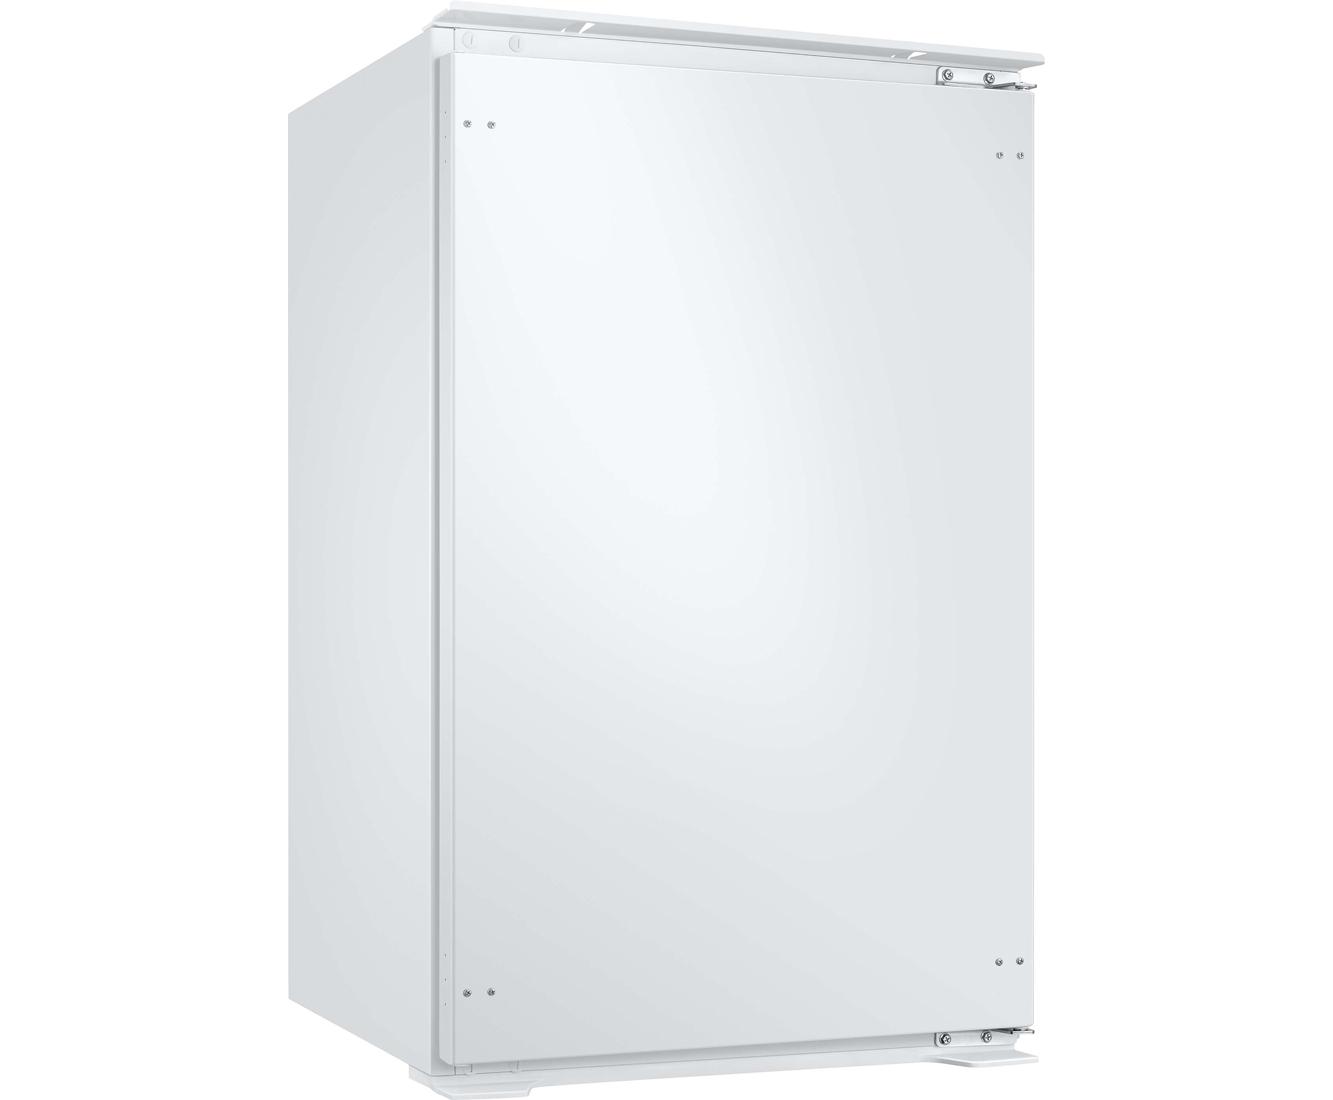 Aeg Kühlschrank Rkb64024dx : Rabatt preisvergleich weiße ware u e kühlen gefrieren u e kühlschrank